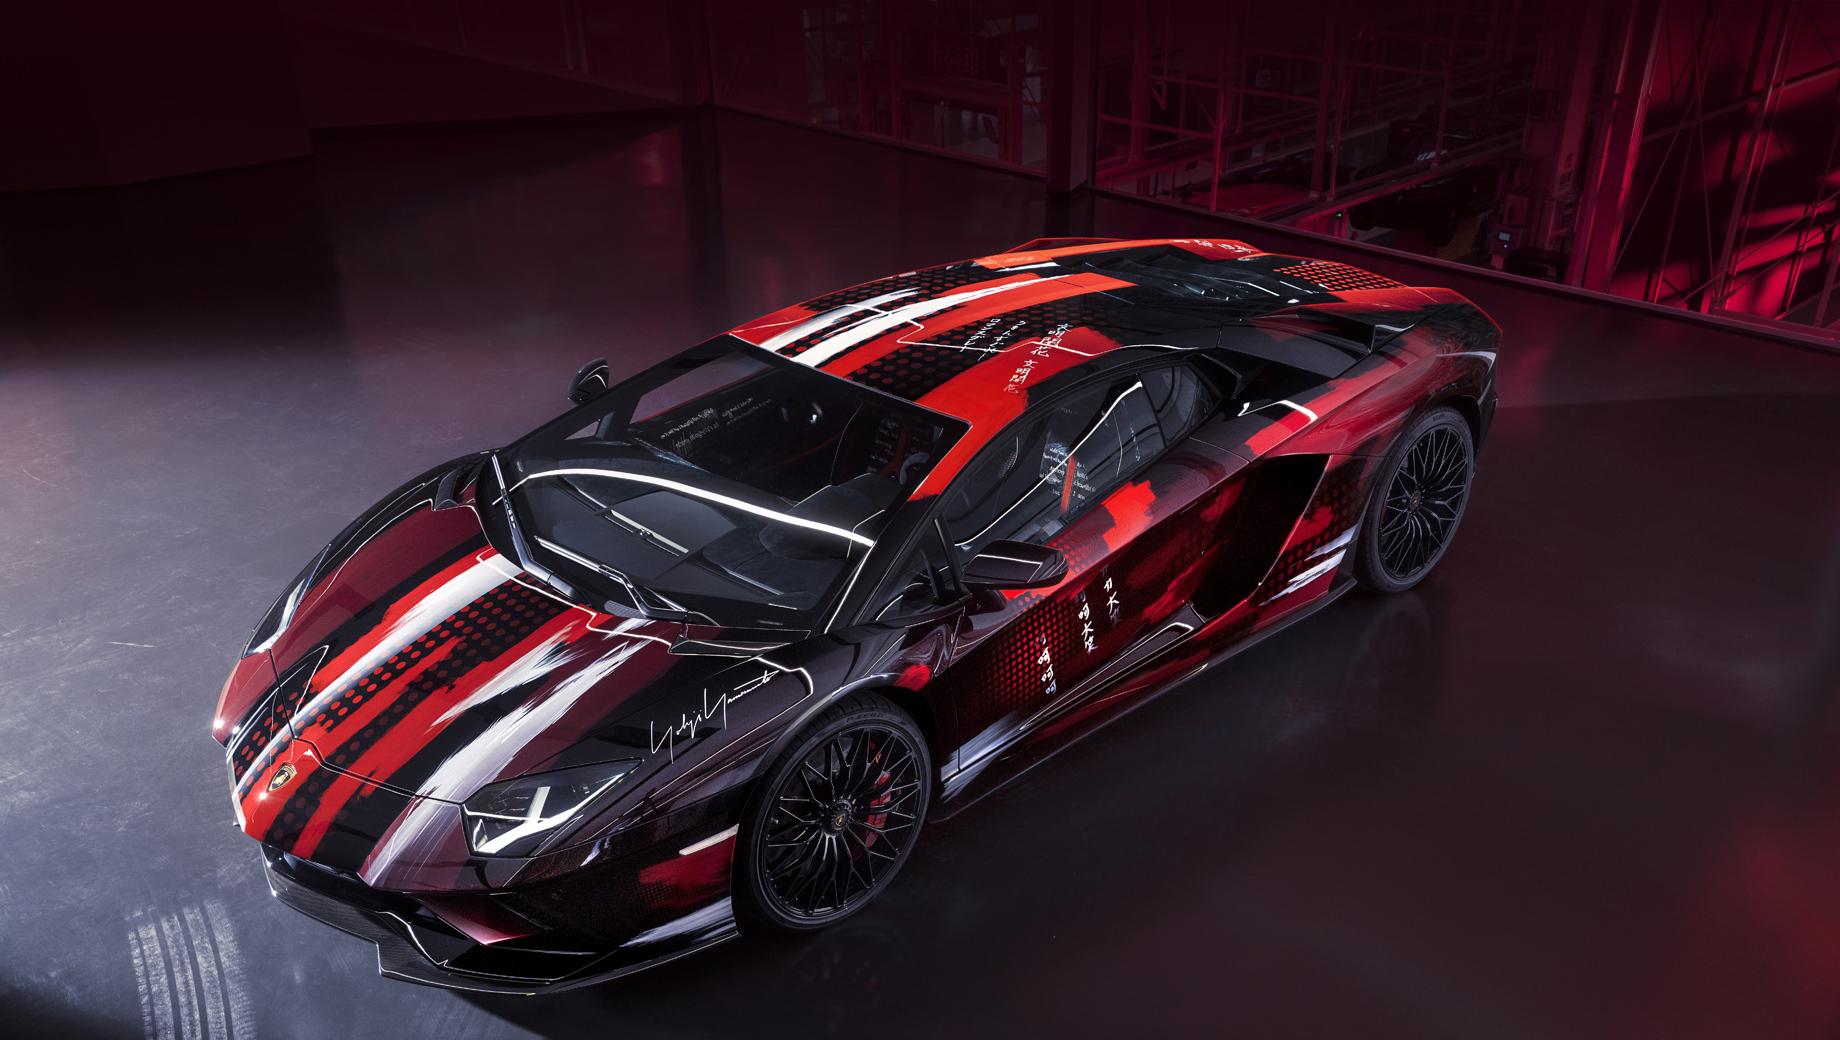 Lamborghini aventador,Lamborghini aventador s. О доработке агрегатов речи не шло, так что здесь стоит обычный для Авентадора мотор V12 6.5 (740 л.с., 690 Н•м), который при полном приводе и семиступенчатом «роботе» позволят купе набирать первую сотню за 2,9 с и развивать 350 км/ч.